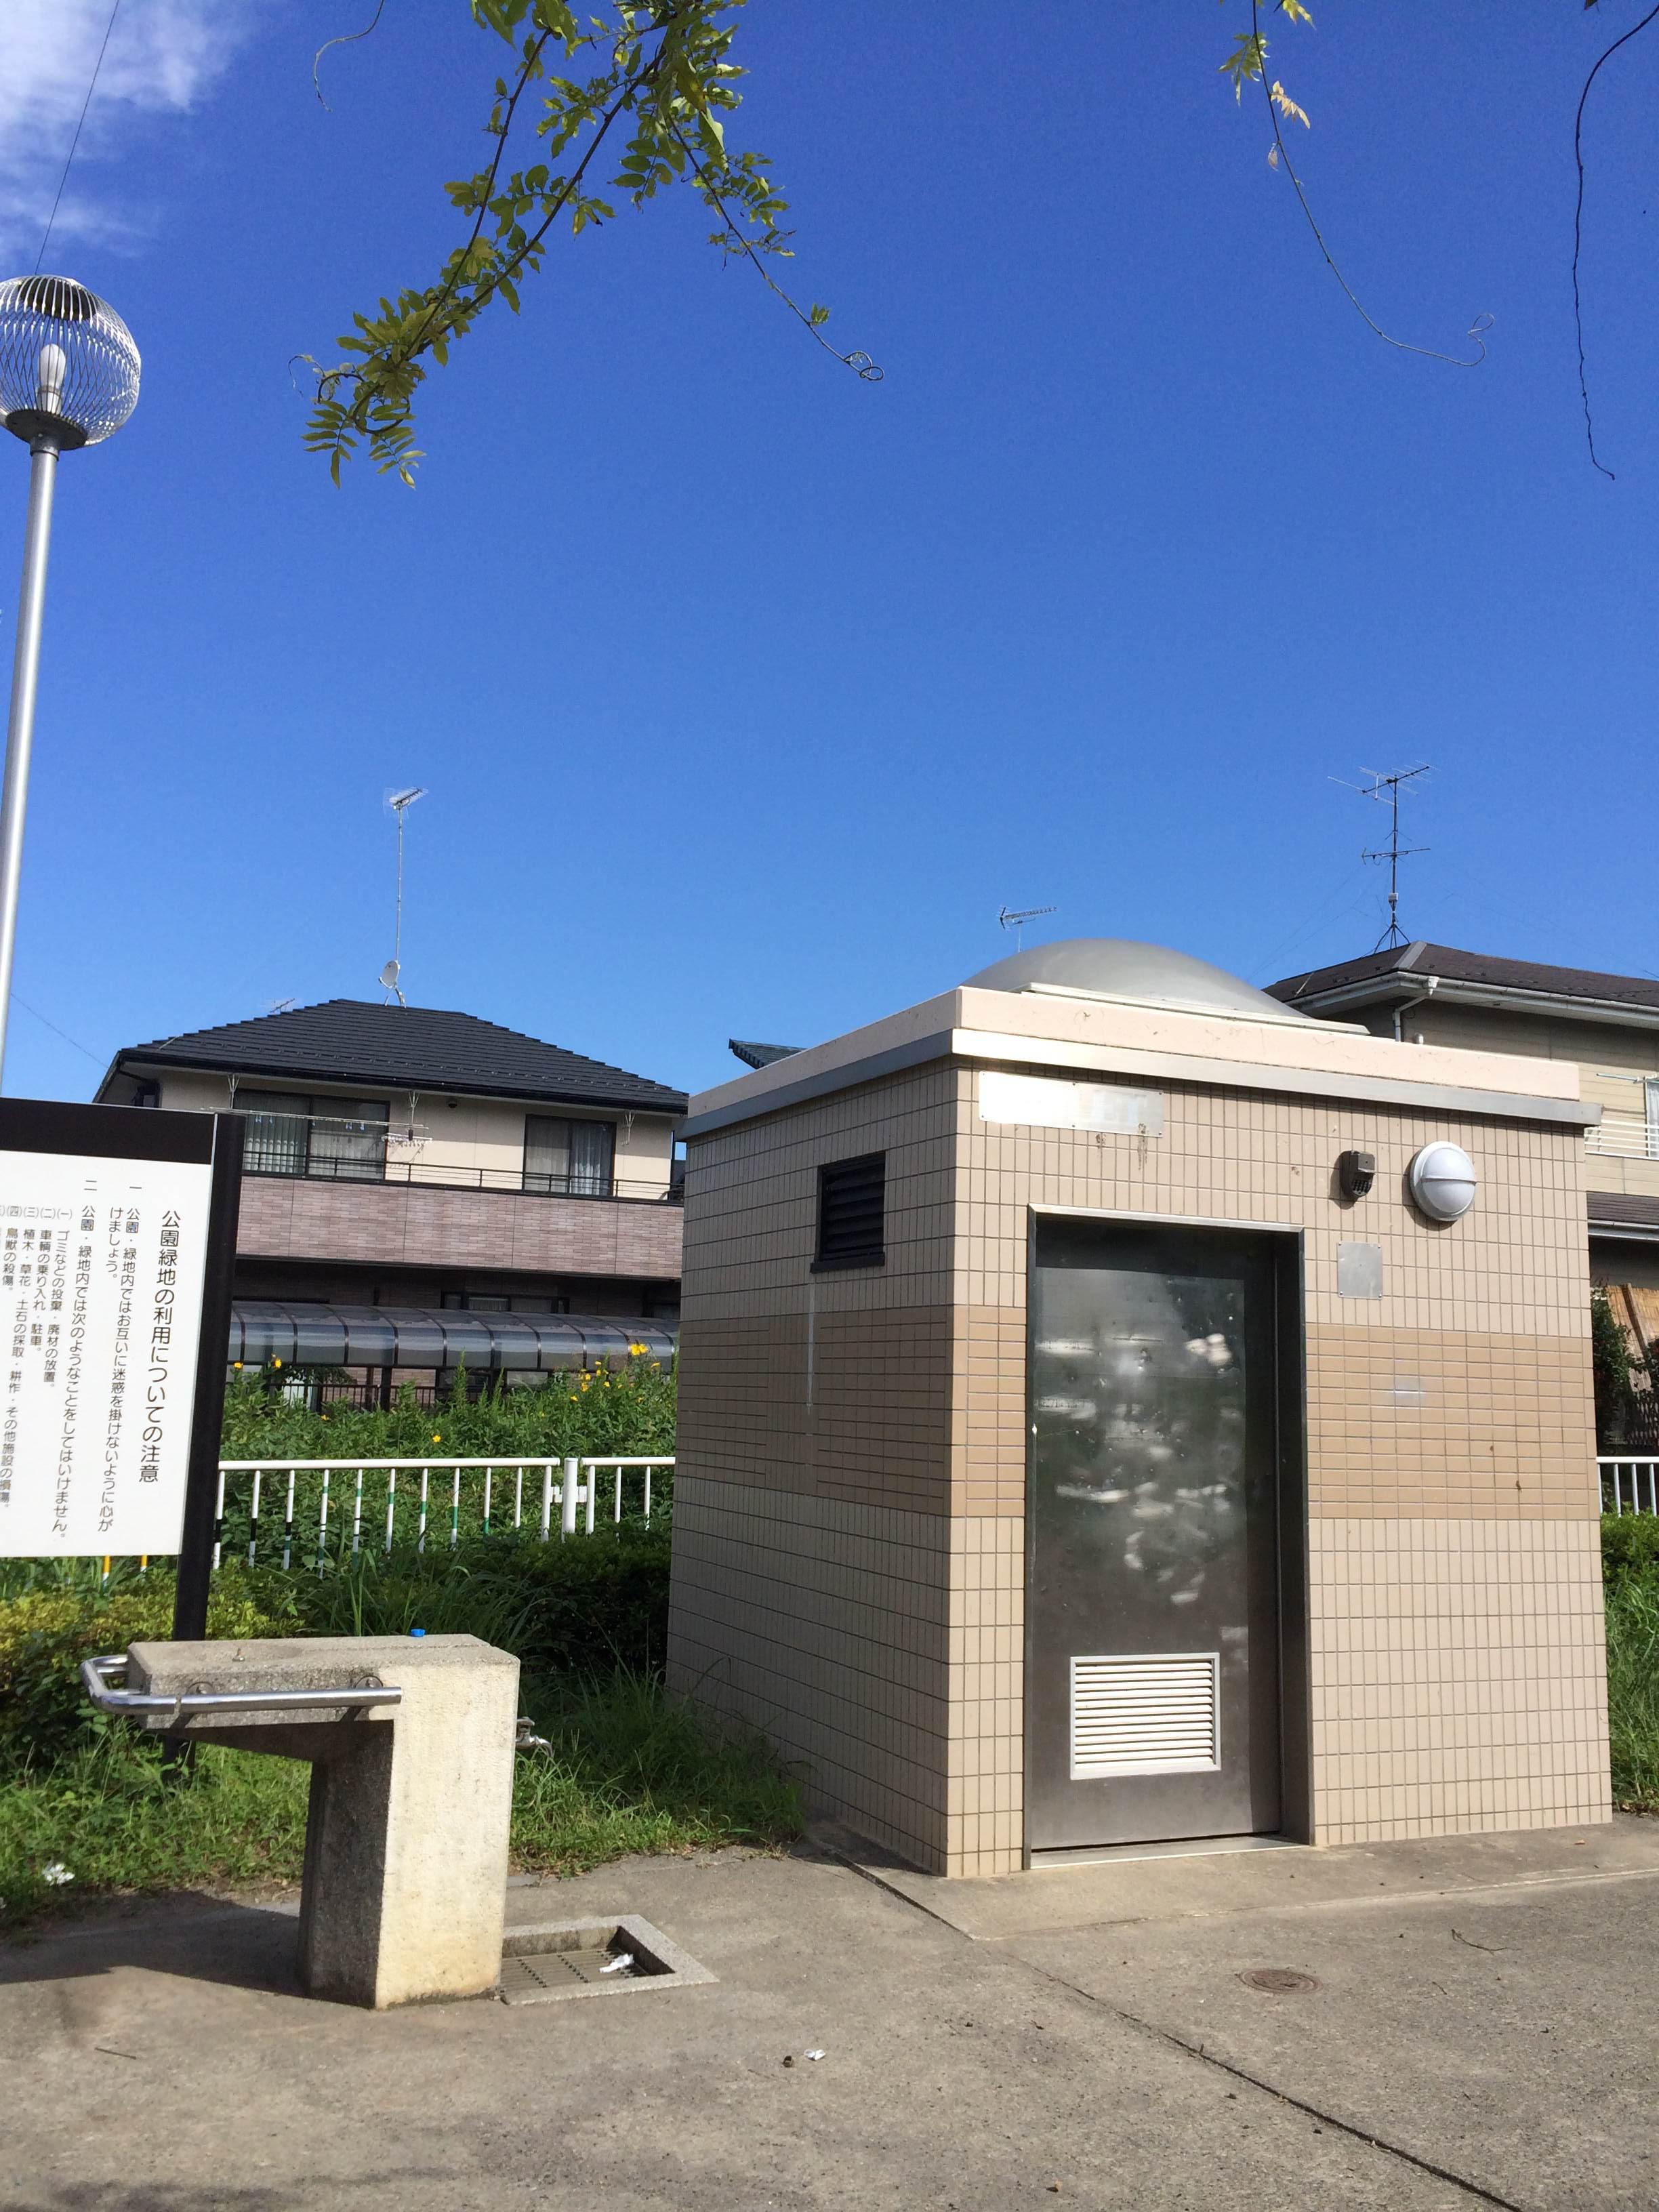 昼夜逆転なおろう会 砂田第2公園 トイレ